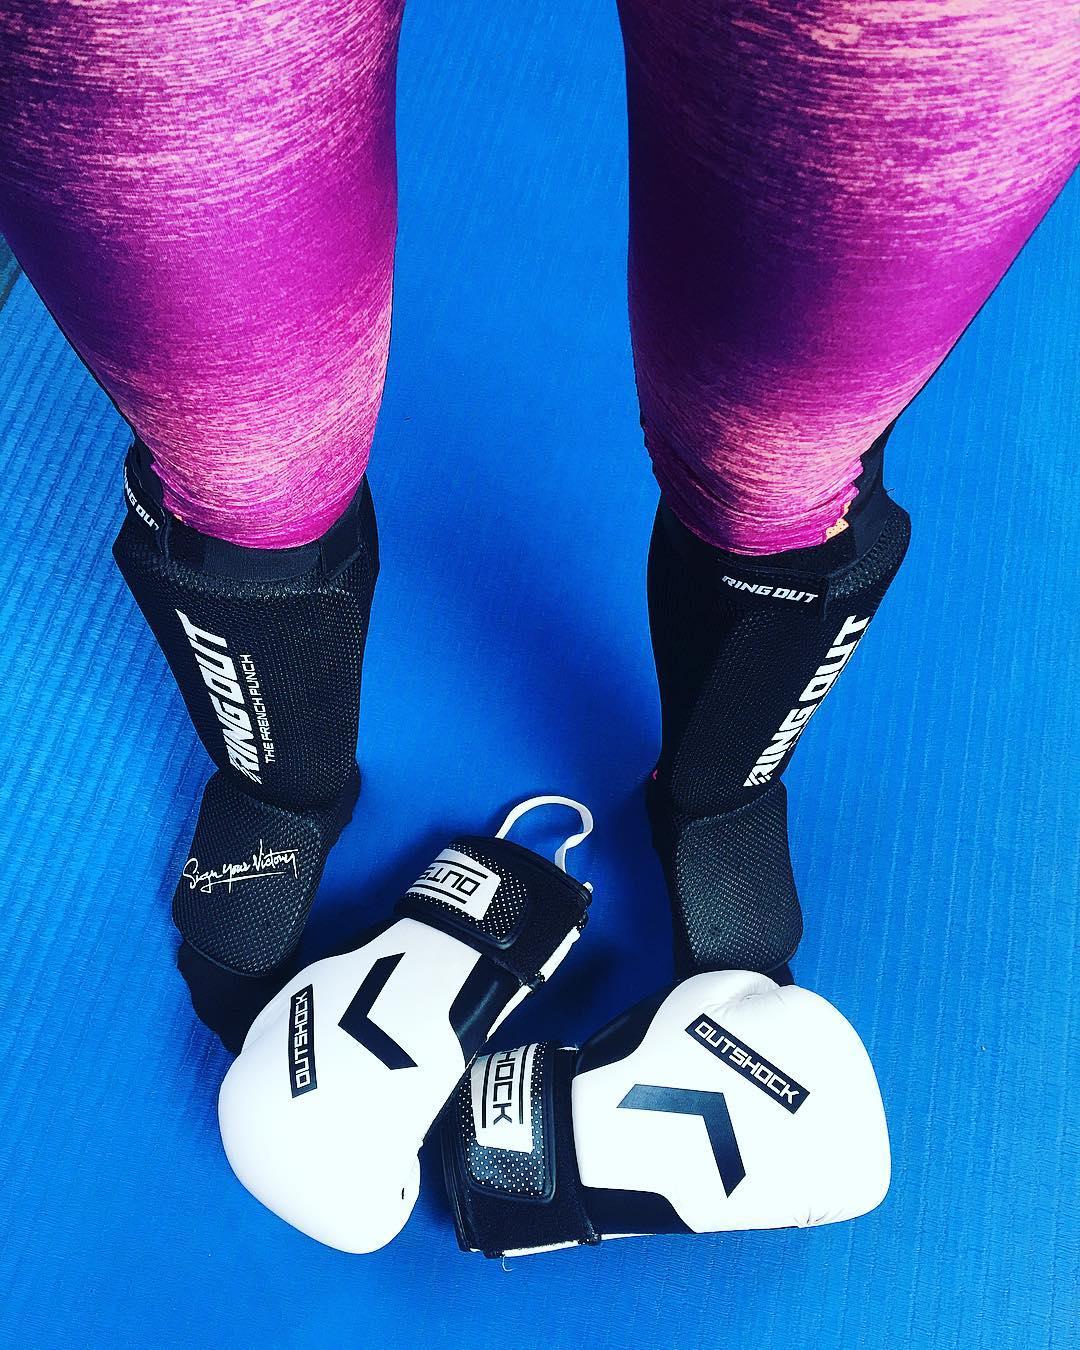 ... c'est la reprise ? Oohhh bordel j'ai des bras en chewing-gum ? . . ➕ #defiSport 3 mois avec @lenuagemtp ☁️ ? objectifs : -6kg et tonique bordel ! . ? J 27/90 jours . . ??♀️ Tu peux tout suivre sur :  #PintadeSport & #NoPainNoSaucisson  __________________ #dynamitecenter #boxe #boxing #fight #fighting #tbc #sport #blogsport #pintademontpellier #fitness #workout #swimming  #MonChallengeSante #ChallengeSante #teambouboule #BefitBeKind  #dubndiducrewmtp #dubndiducrewmontpellier #dubndiducrew #RFCmarseille